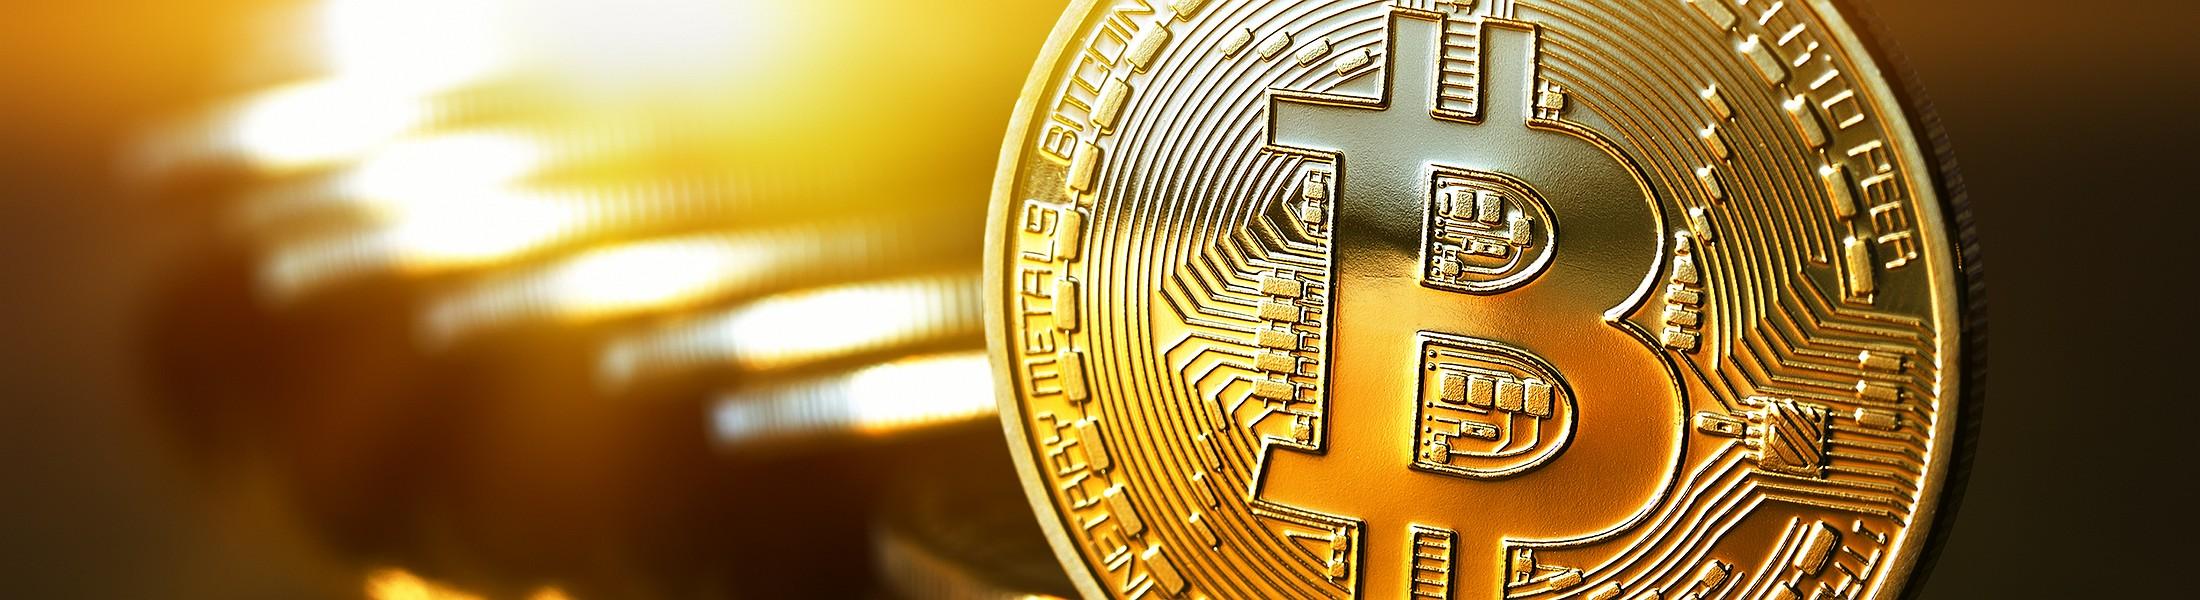 Биткоин — это новое золото